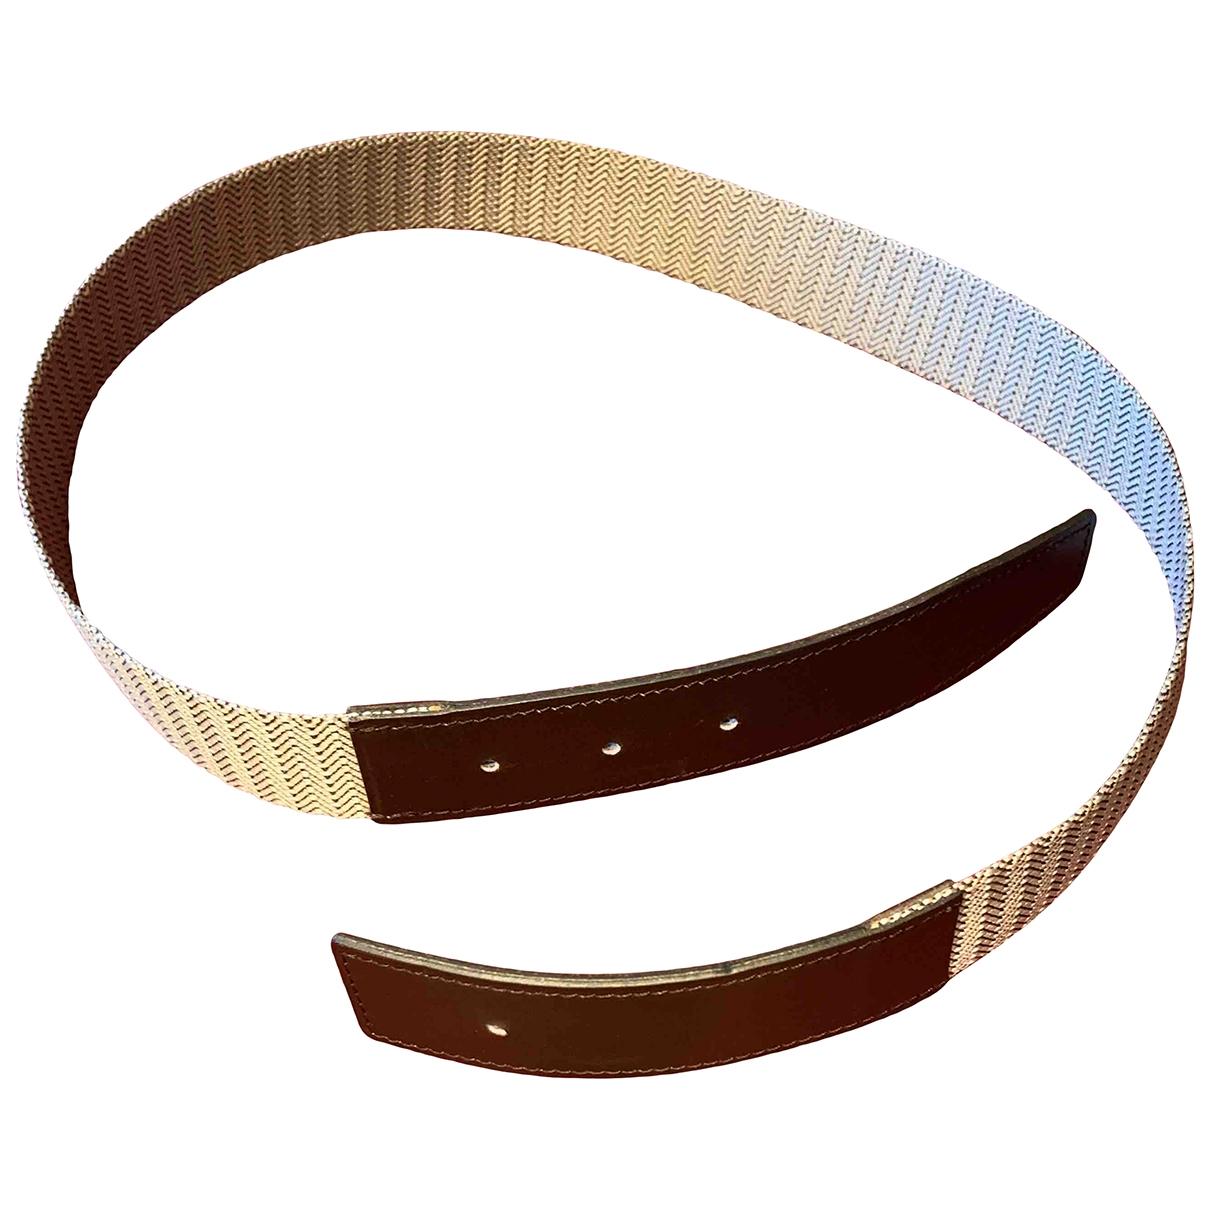 Cinturon Cuir seul / Leather Strap de Lona Hermes